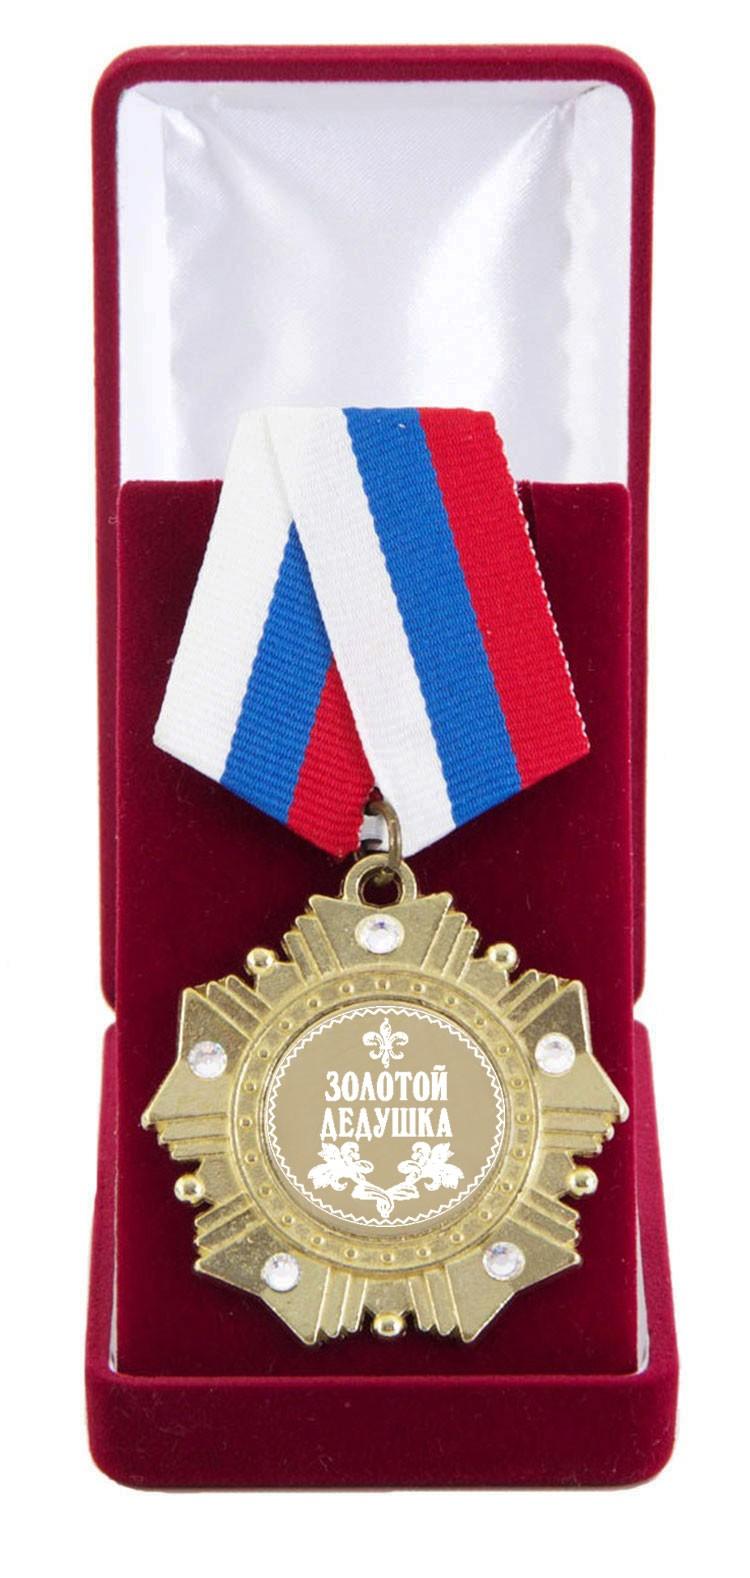 Подарочный орден Золотой дедушка (белые стразы)